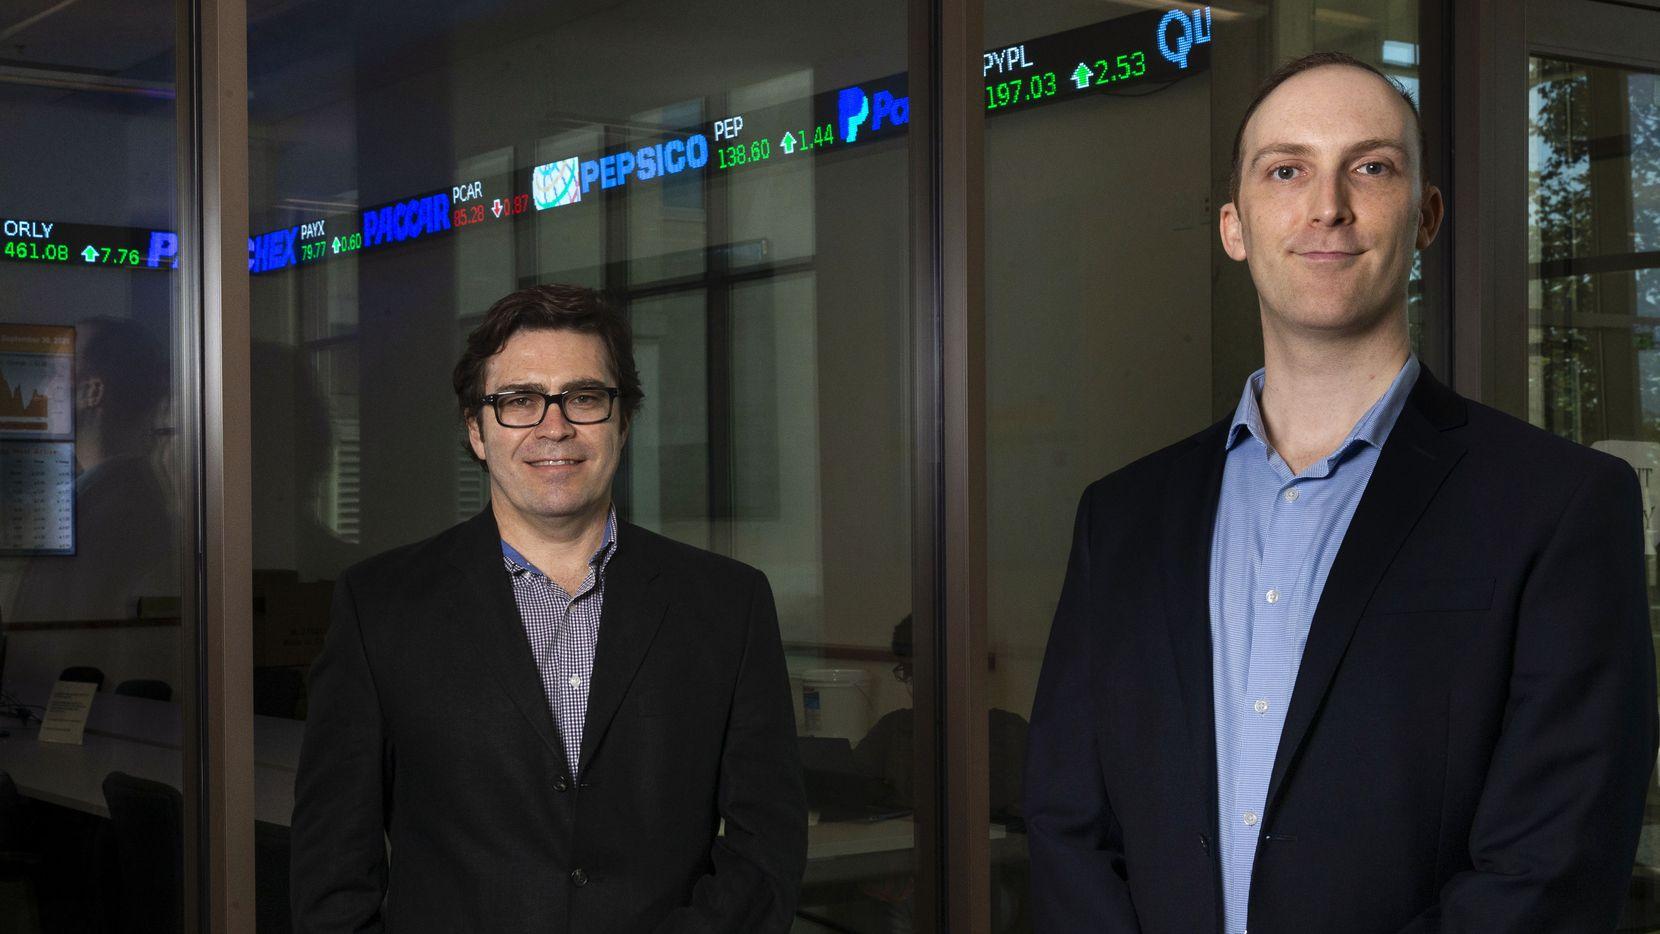 """Alejandro Zentner (izq.) y Brad Nathan son coautores junta o Ricardo Perez-Truglia del estudio """"Mis impuestos son demasiado altos"""". Uno de los propósitos del estudio era ayudar a miles de dueños de casa a saber cómo impugnar el avalúo de impuestos con información sencilla."""